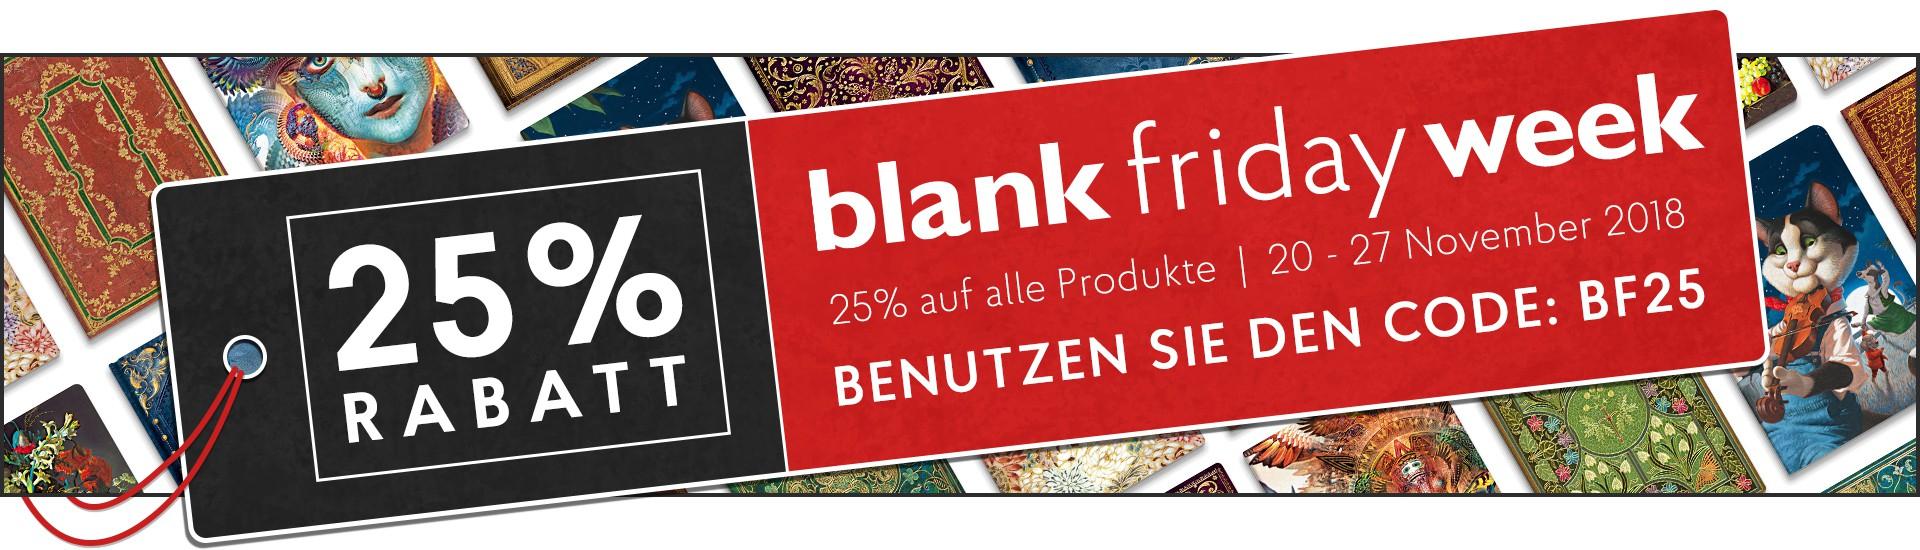 Paperblanks: Blank Friday Week, 25% auch auf Sale